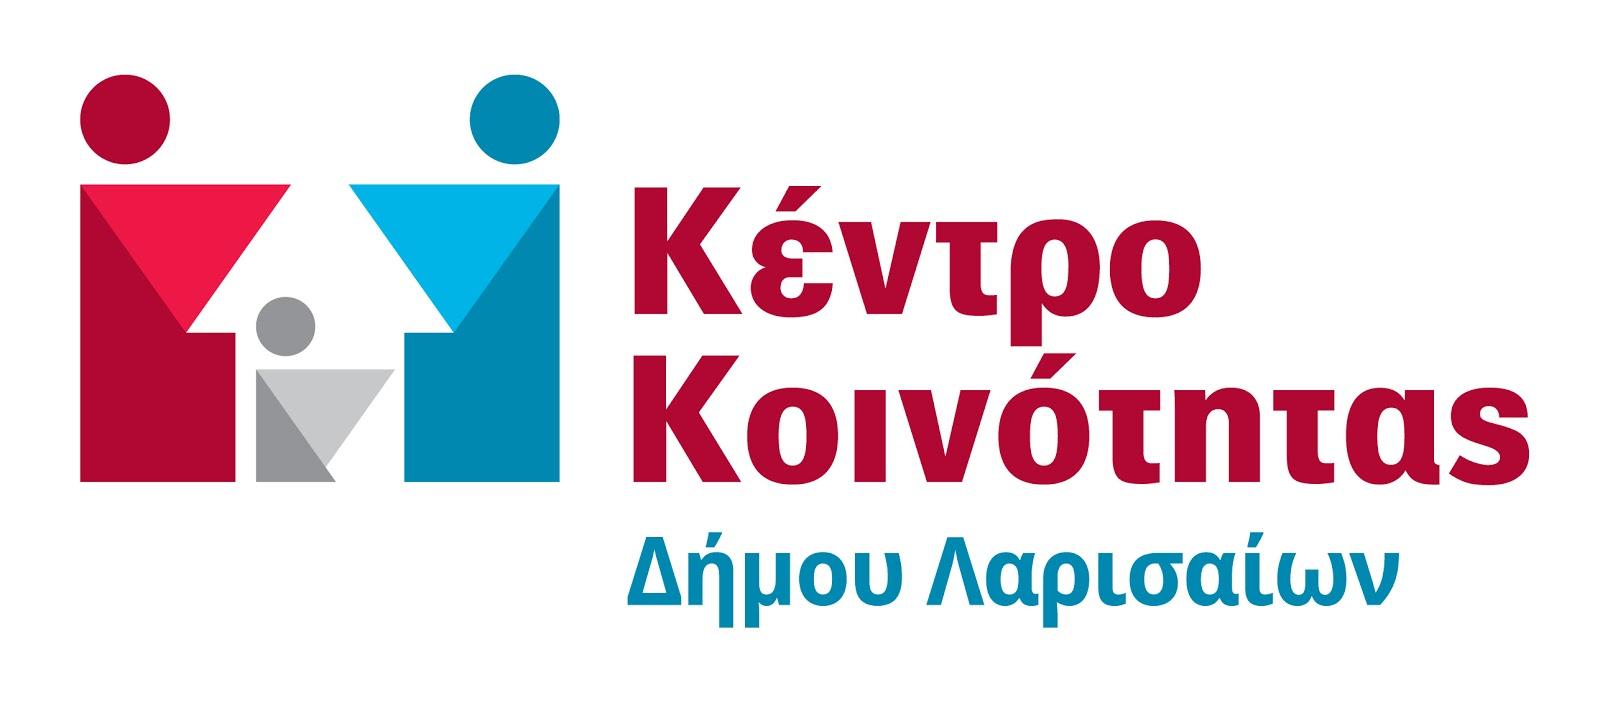 Ομαδικά εργαστήρια για ανέργους από το Κέντρο Κοινότητας και το Κέντρο Κοινότητας – Παράρτημα Ρομά σε συνεργασία με το ΙΝΕ της Γ.Σ.Ε.Ε